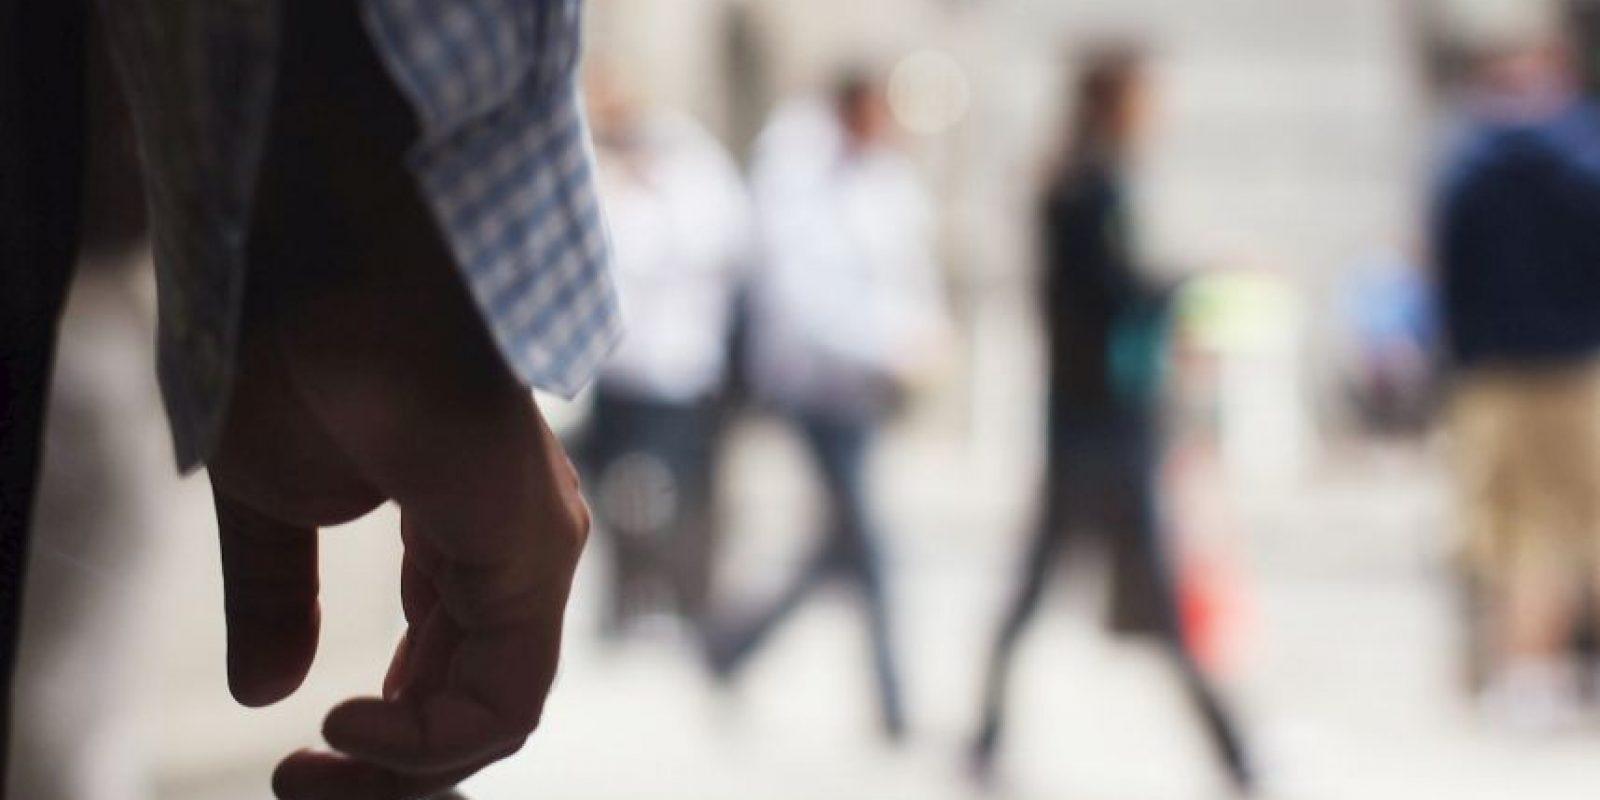 """Desde 2011 funciona en el país una ley que prohíbe fumar en espacios públicos cerrados. Según """"El Clarín"""", actualmente la municipalidad de Tigre prohíbe fumar también en espacios abiertos de dependencias municipales Foto:Getty Images"""